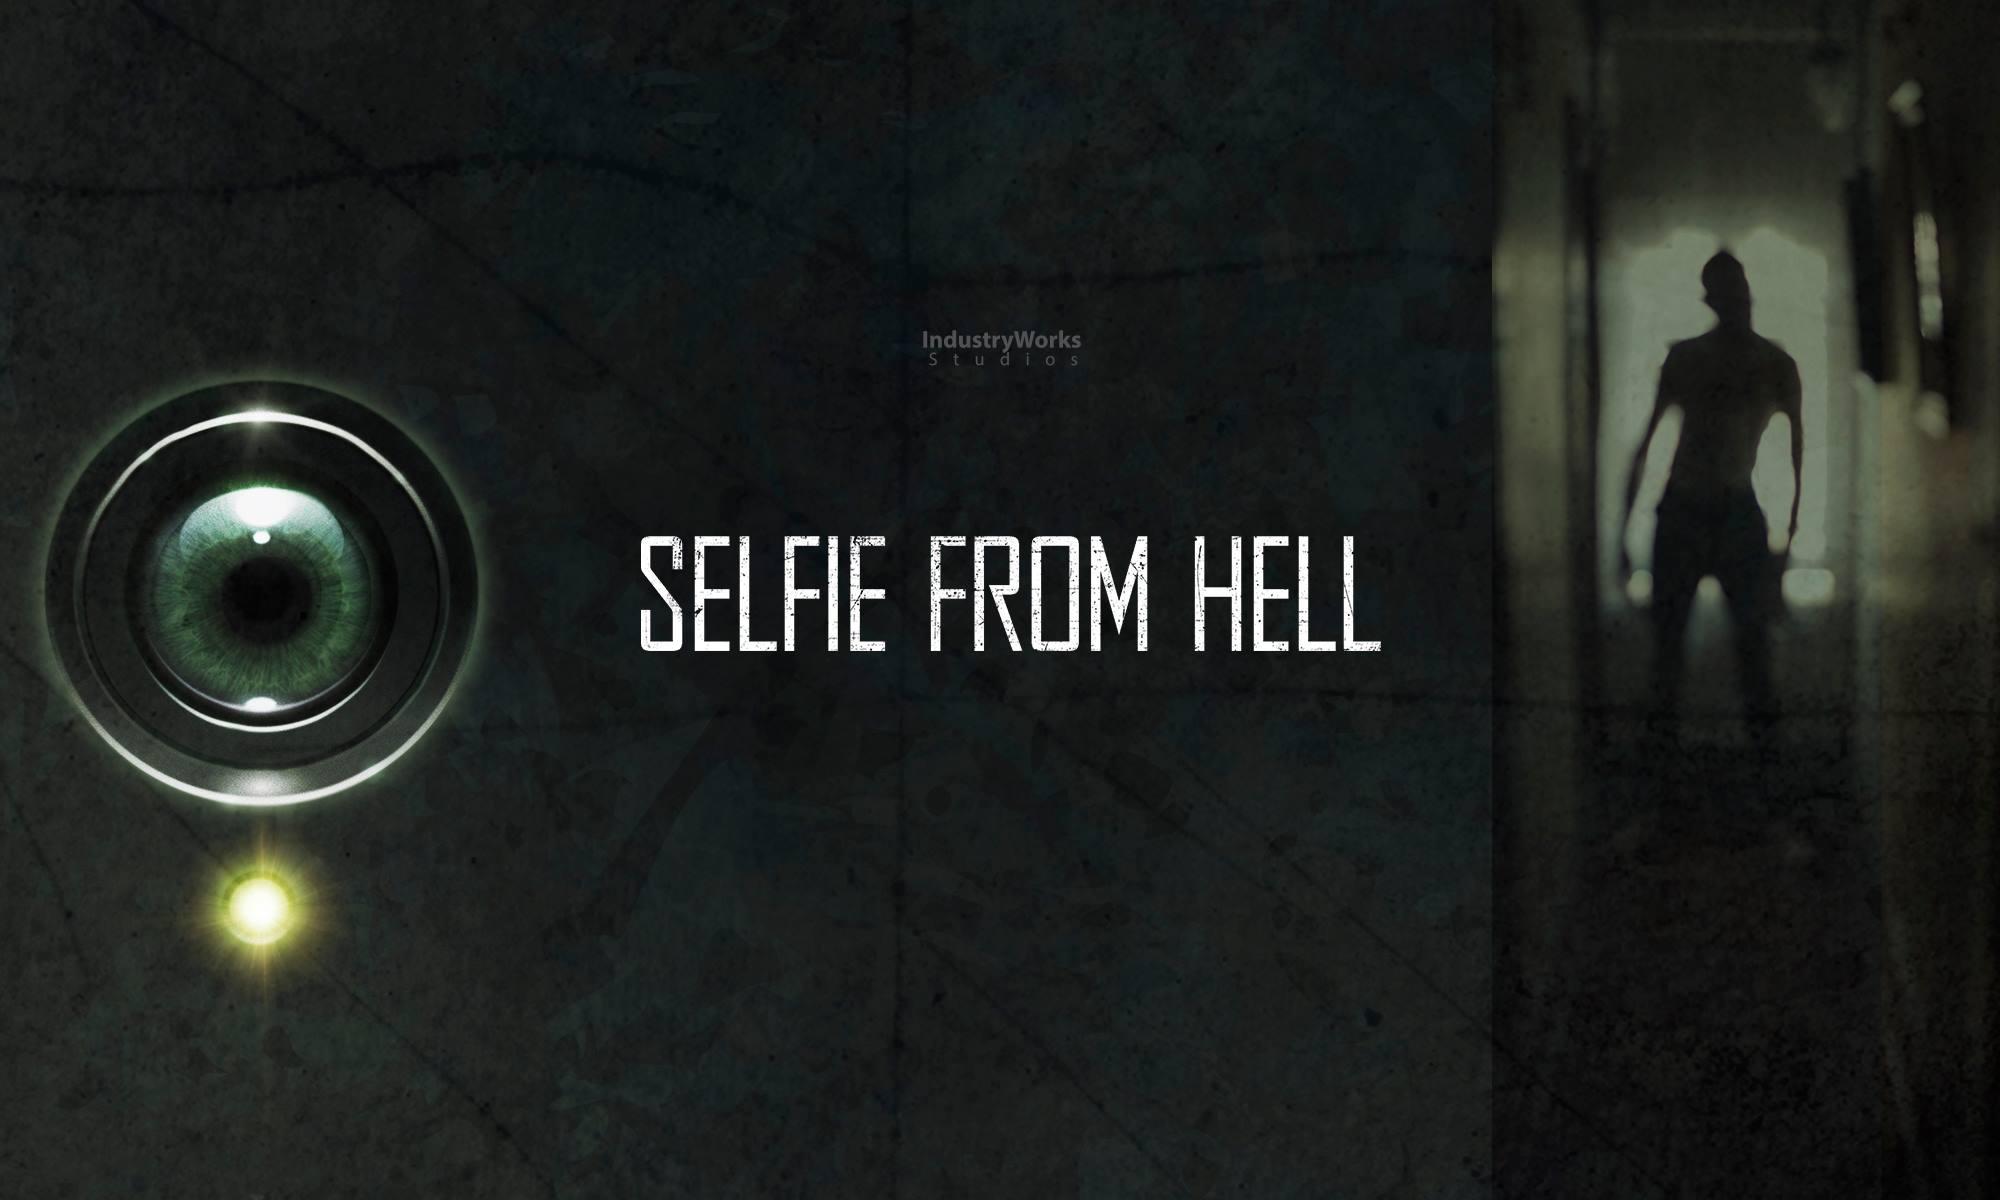 Selfie-from-Hellmrhorrorpedia